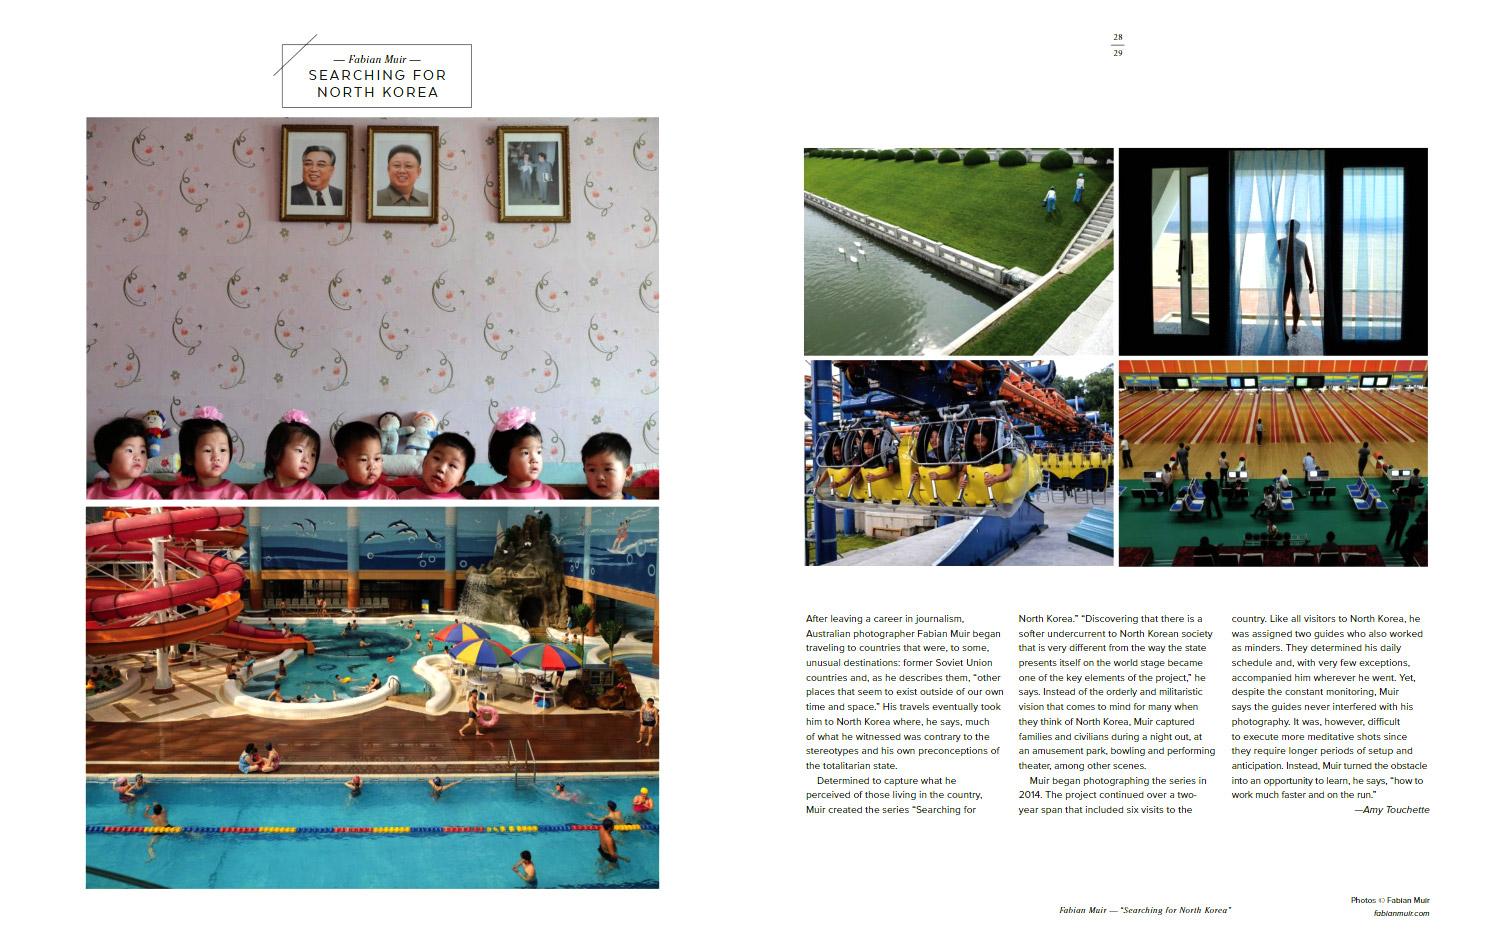 Мечта Северной Кореи, © Фабиан Мур / Fabian Muir, Фотоконкурс «Новый фотограф» / Emerging Photographer